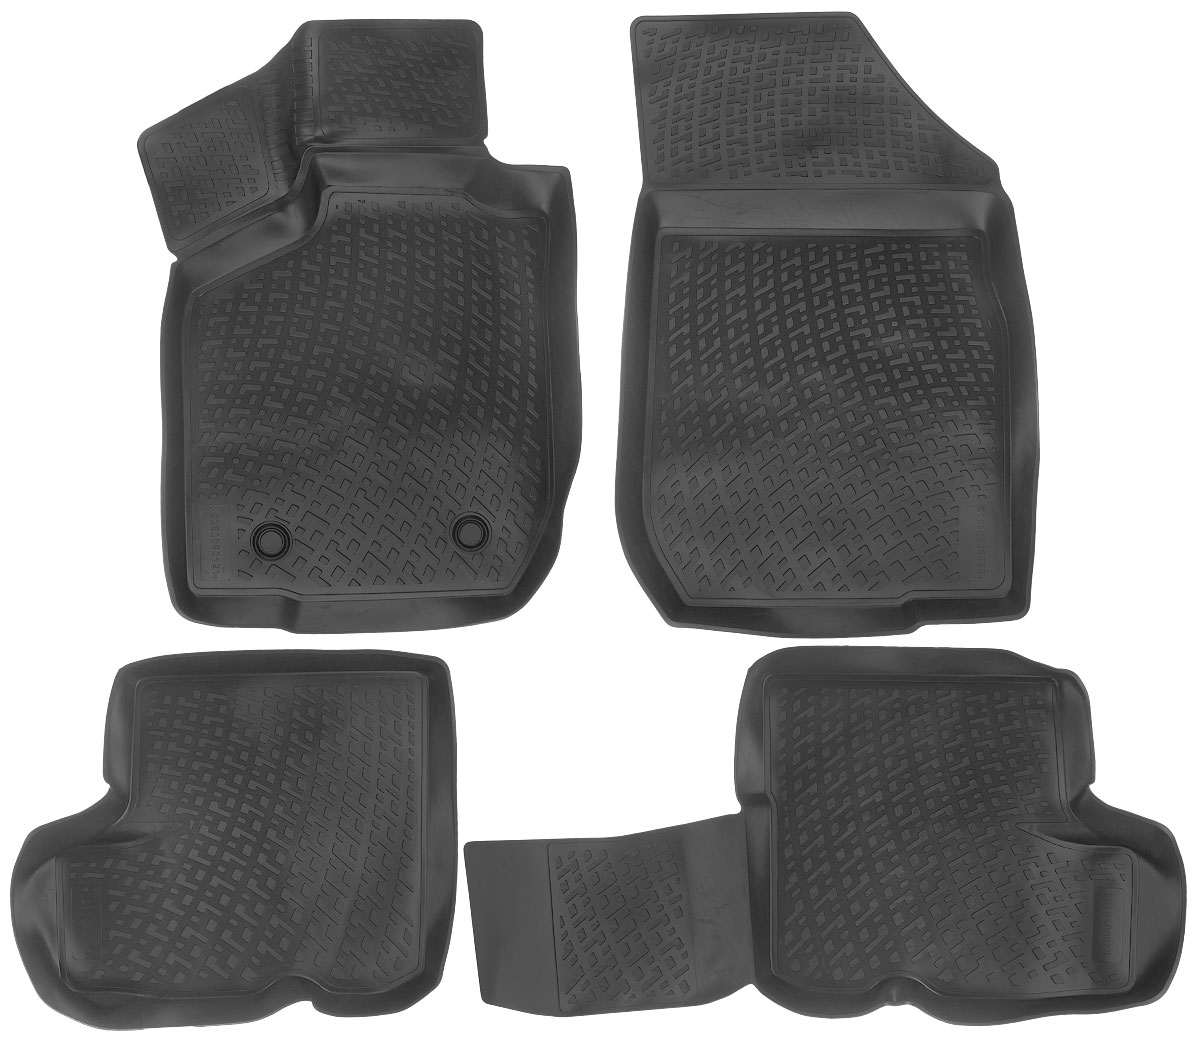 Набор автомобильных ковриков L.Locker Lada Largus 2012, в салон, 4 штВетерок 2ГФНабор L.Locker Lada Largus 2012, изготовленный из полиуретана, состоит из 4 ковриков,которые производятся индивидуально для каждой моделиавтомобиля. Изделие точно повторяет геометрию пола автомобиля, имеет высокийборт, обладает повышенной износоустойчивостью, лишено резкого запаха и сохраняет своипотребительские свойства в широком диапазоне температур от -50°С до +80°С.Комплектация: 4 шт.Размер ковриков: 81 см х 56 см; 81 см х 56 см; 91 см х 50 см; 50 см х 57 см.